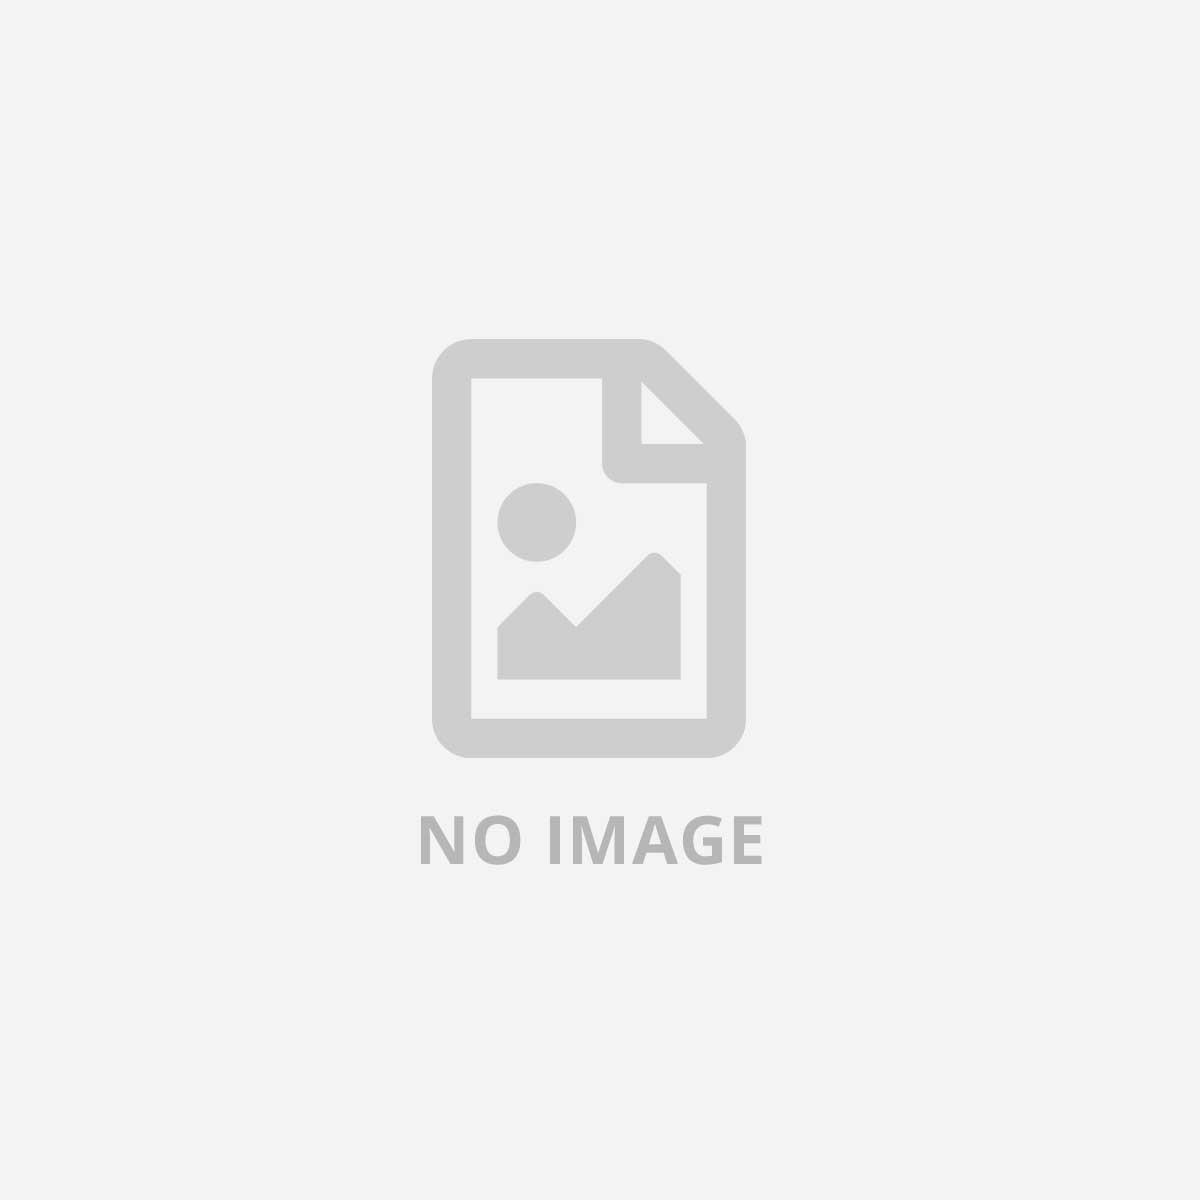 VIDYO SUB-CS-TEAM-PLN-1Y